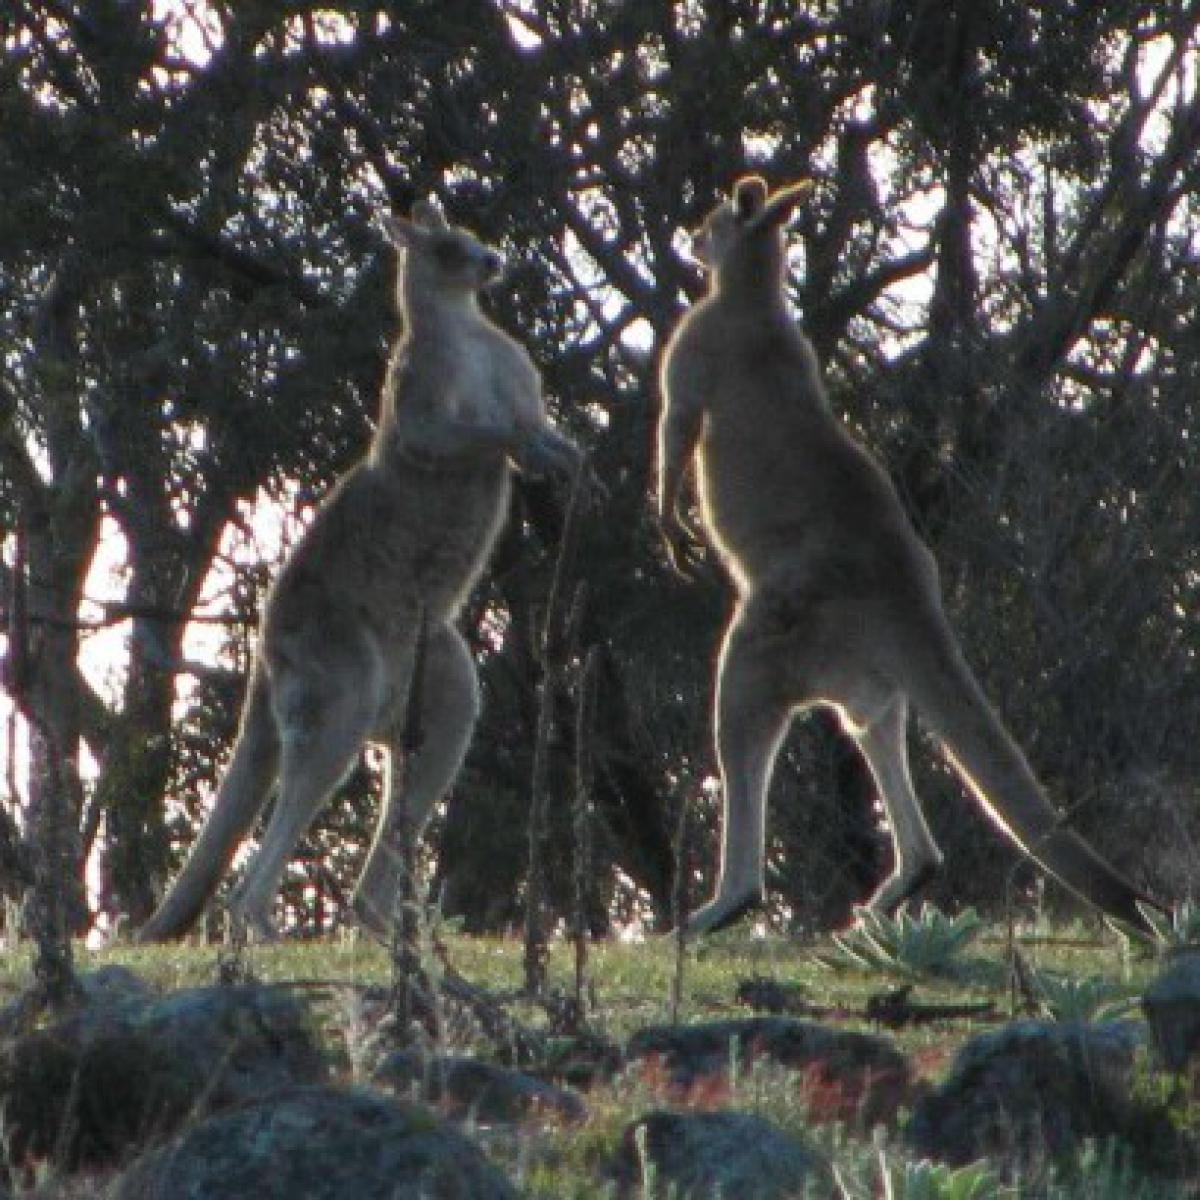 Boxing kangaroos #1